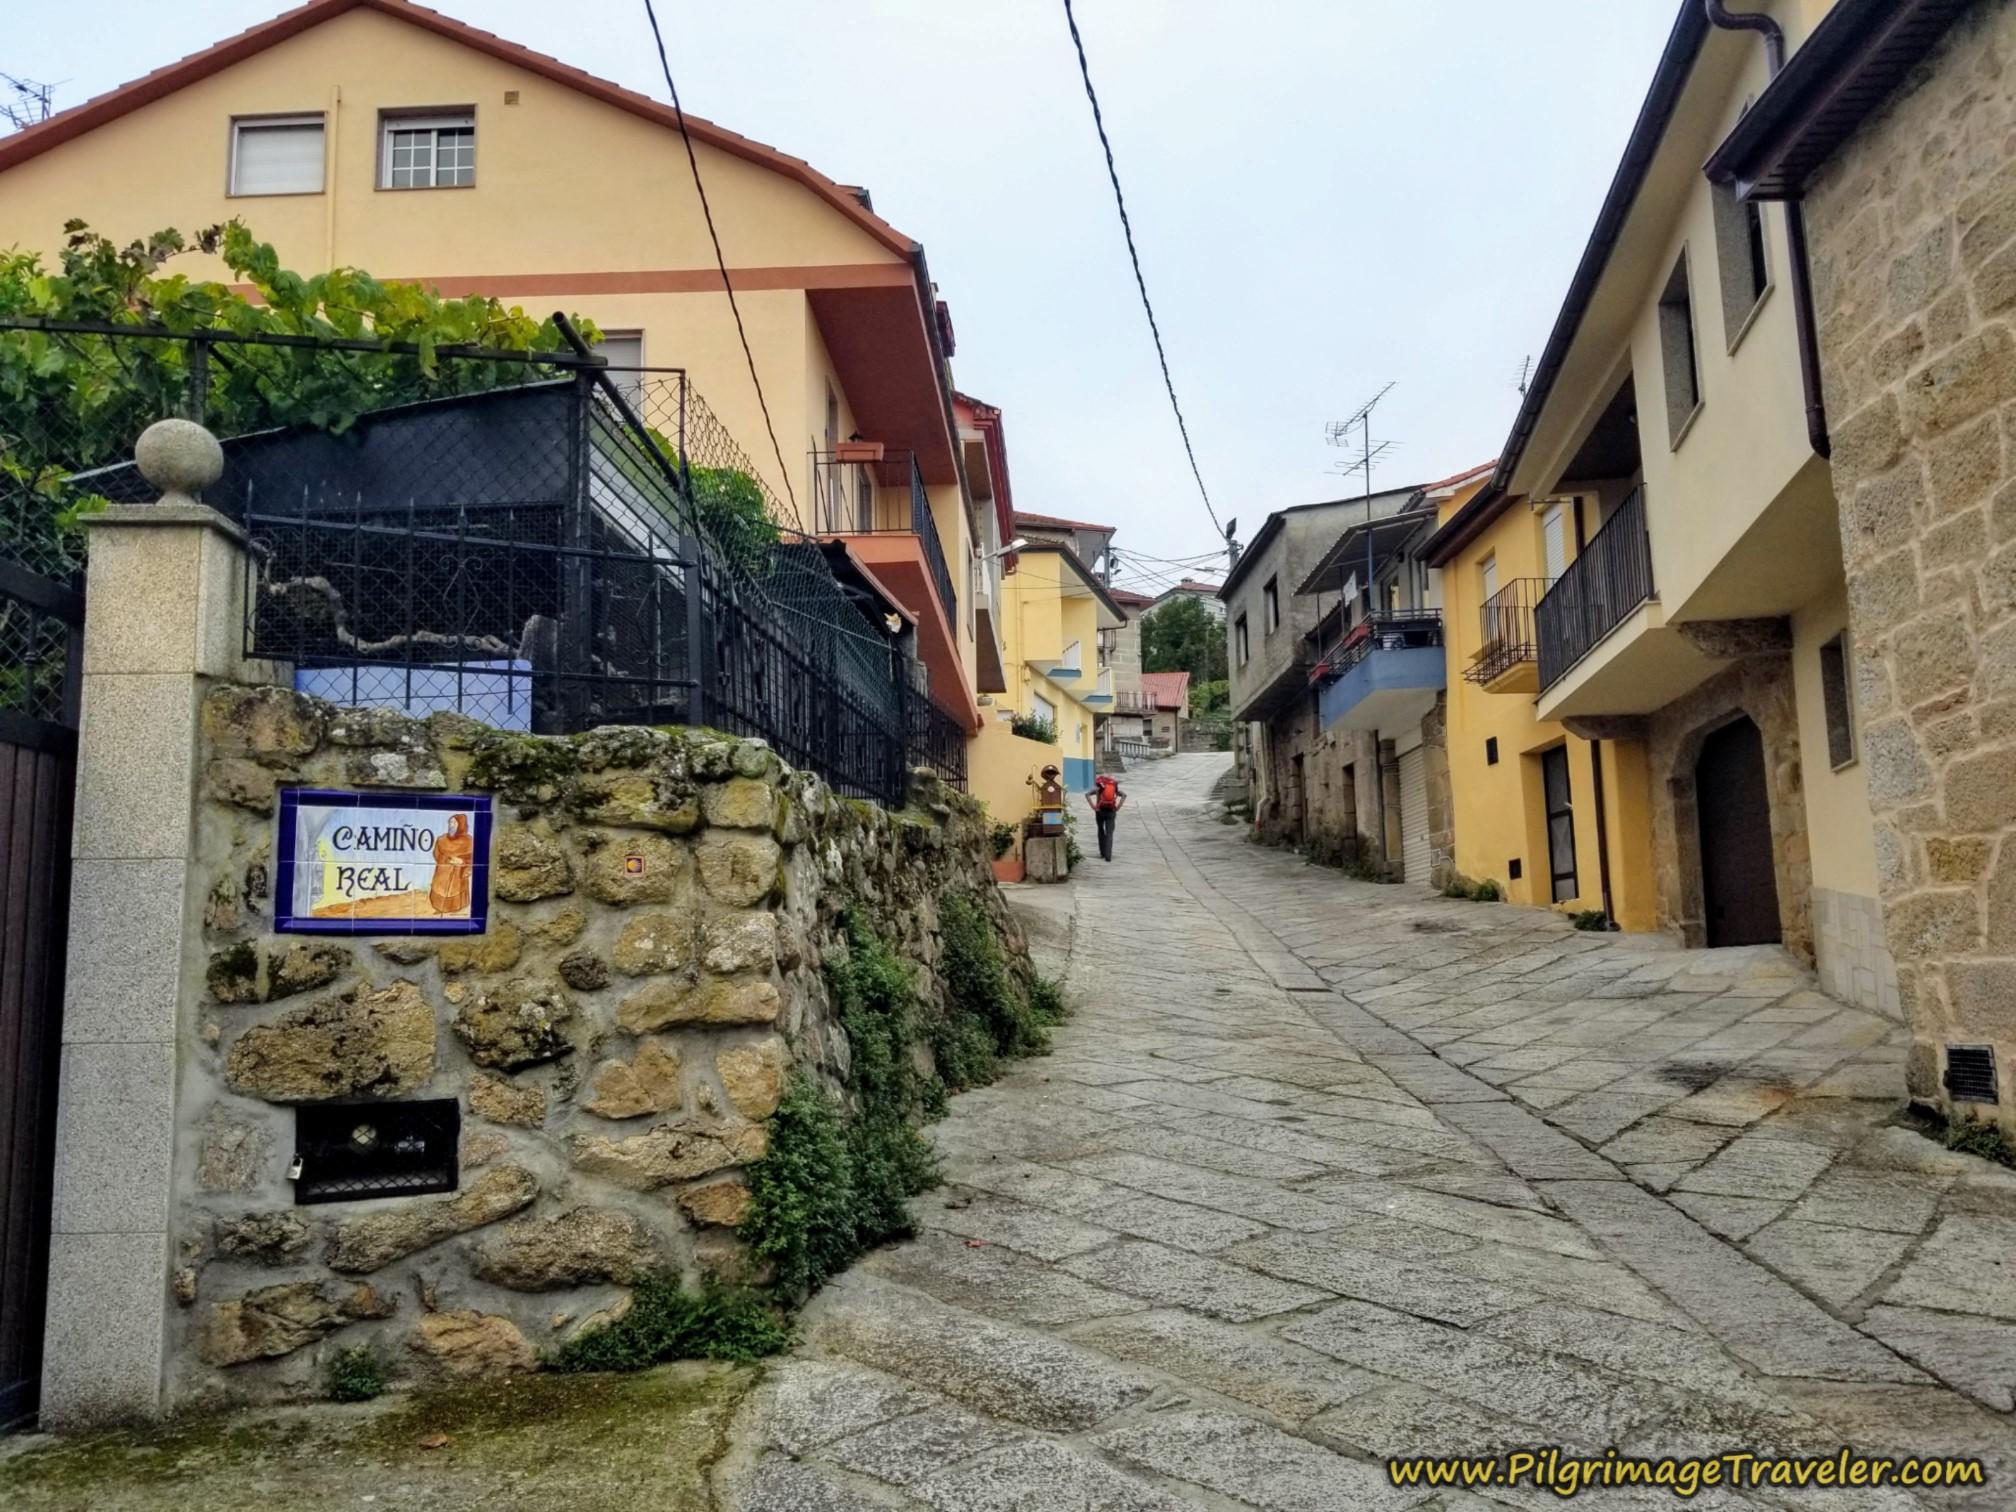 Camiño Real Cudeiro Sur, Camino Sanabrés, Ourense to Cea